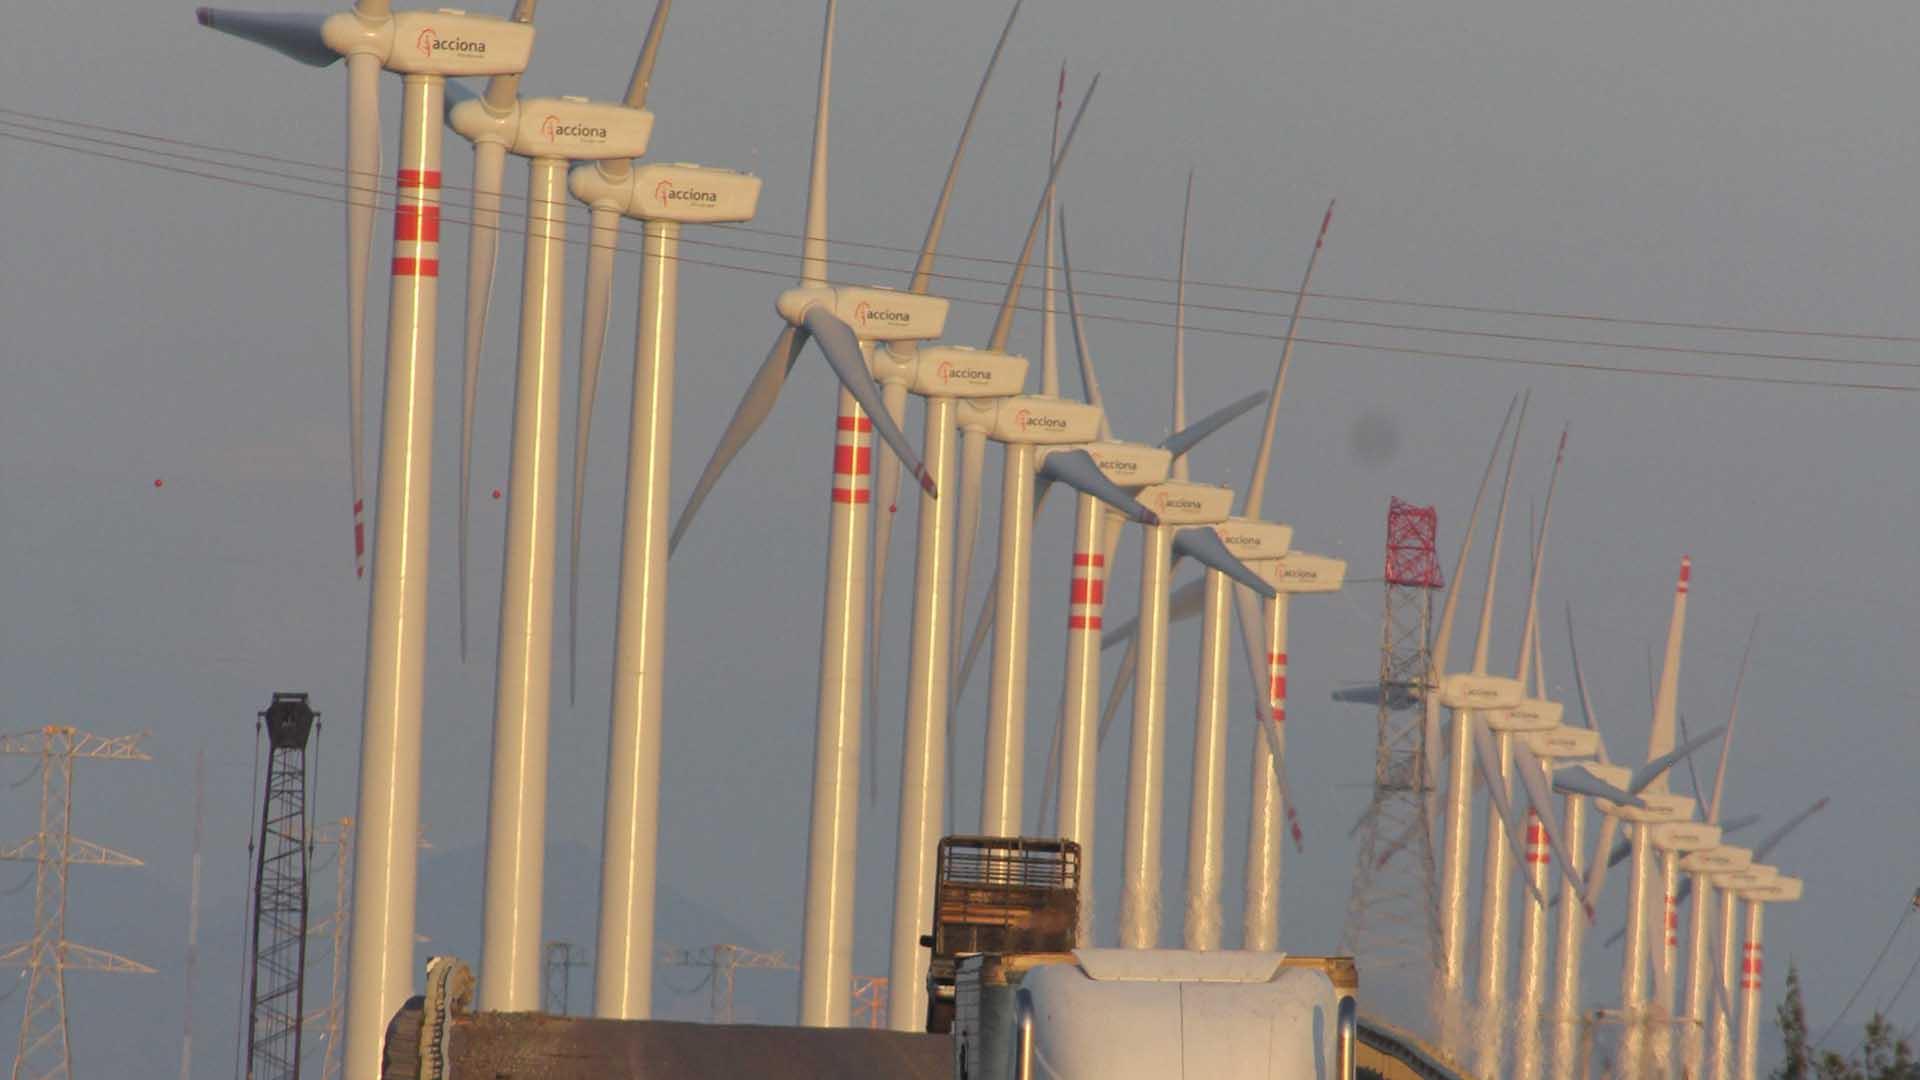 Eólica en México: IEnova cierra compra del parque eólico Ventika y se consolida en el sector de energías renovables